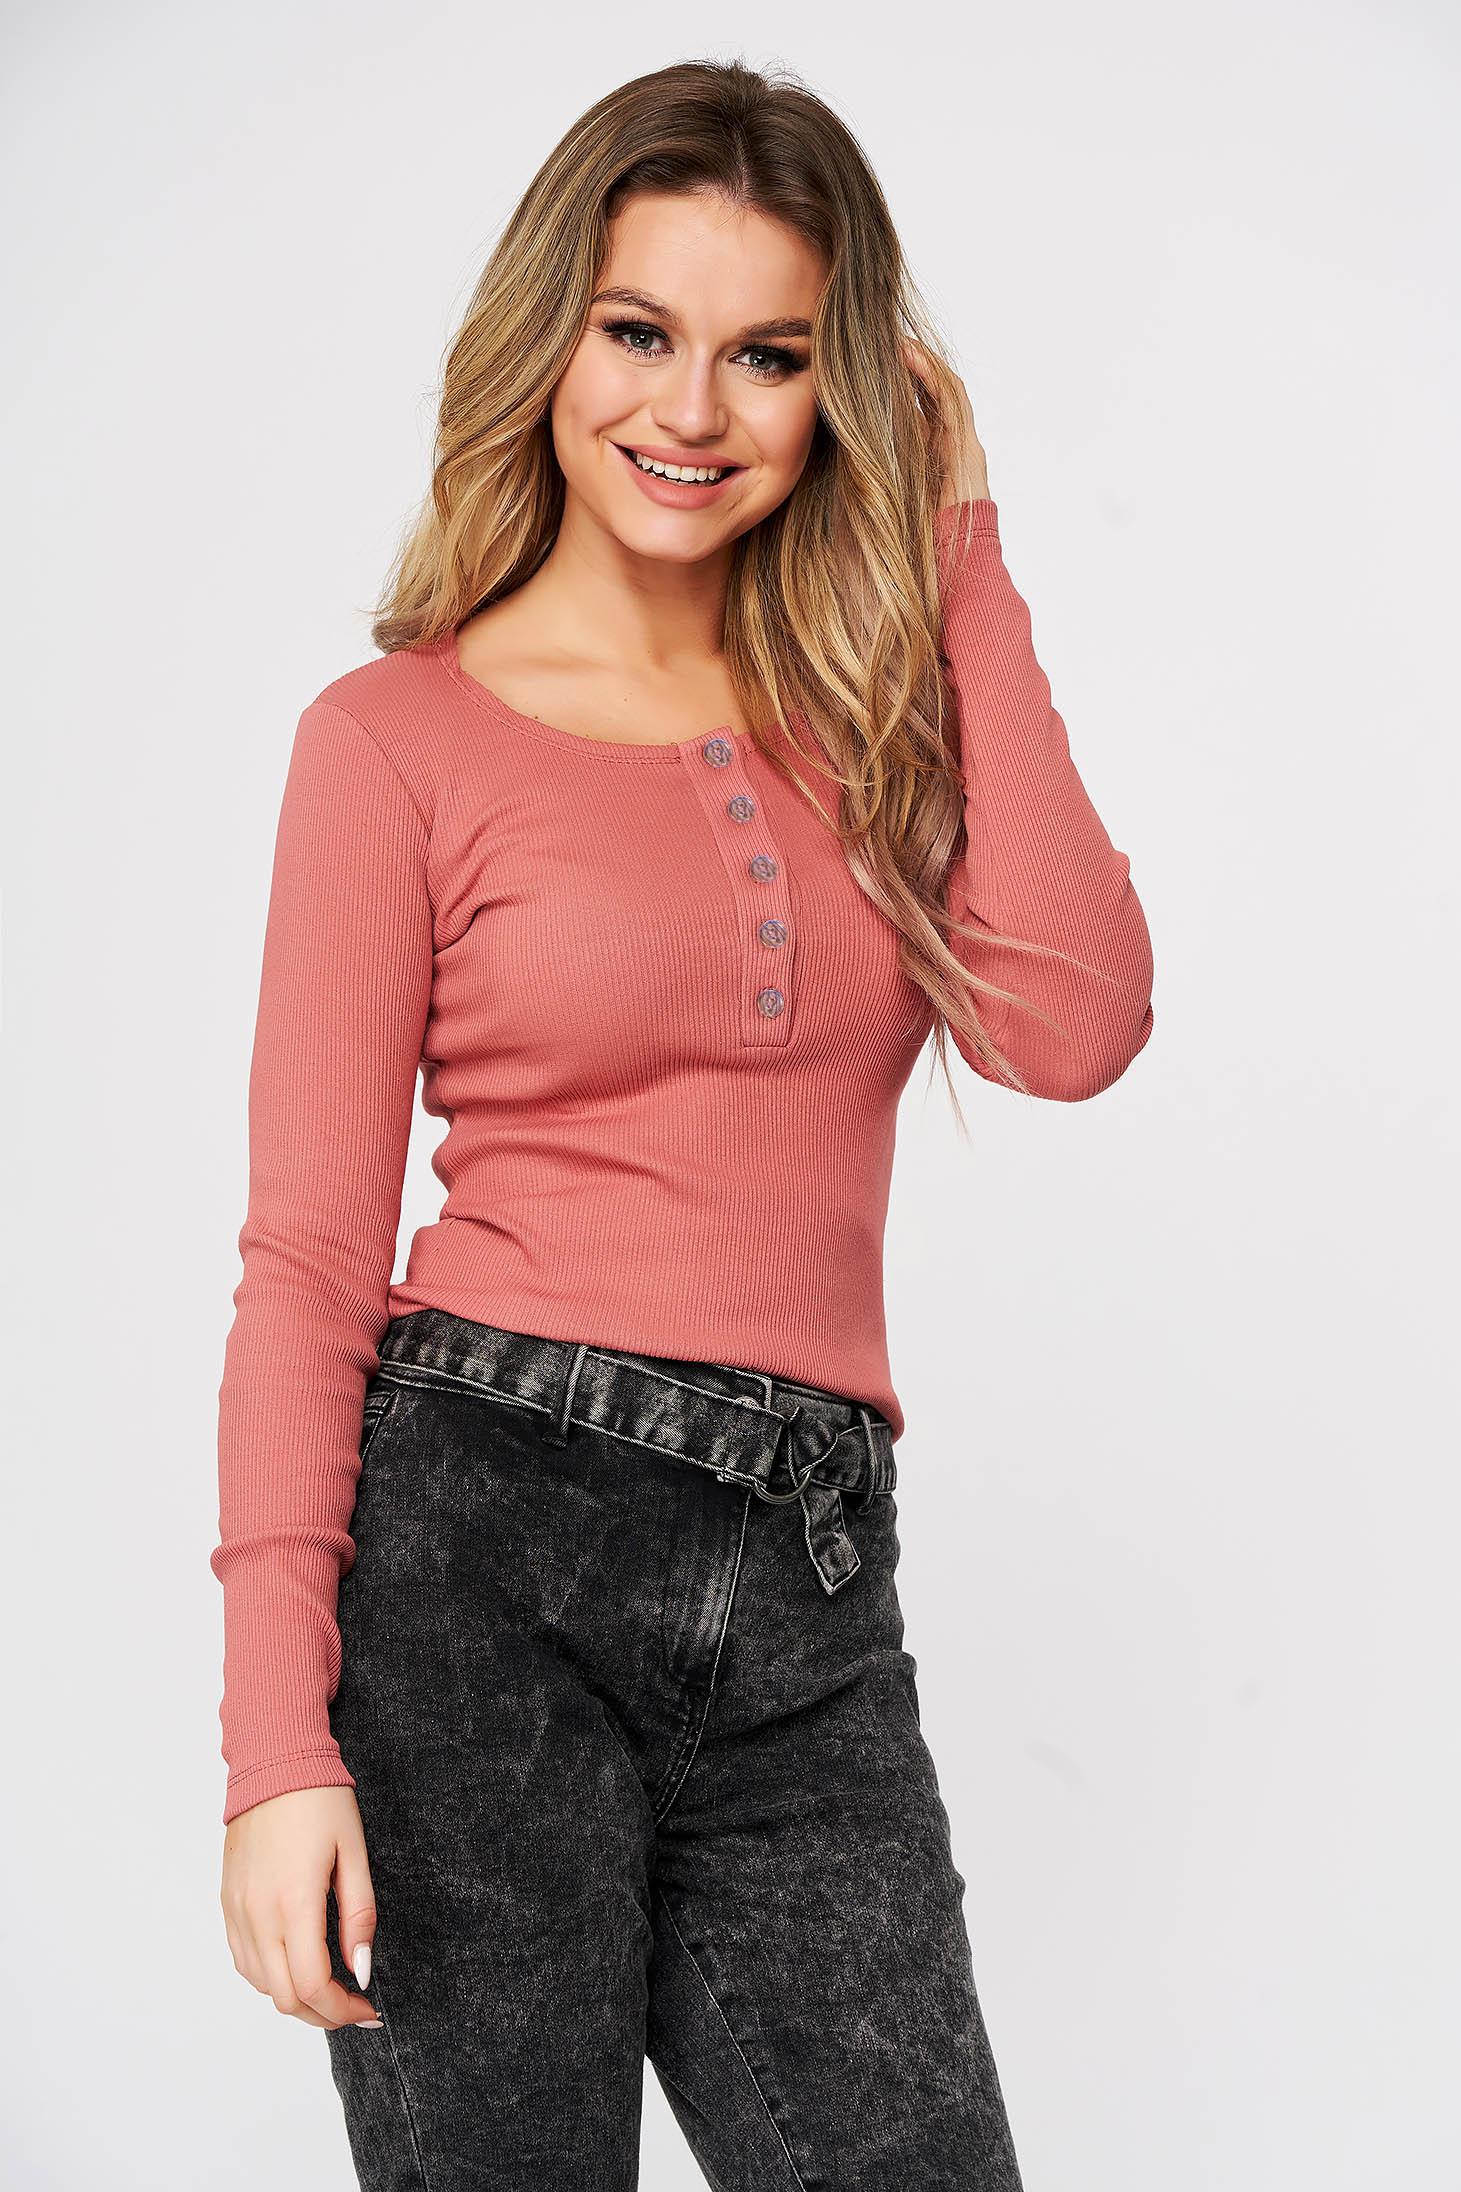 Bluza dama SunShine roz casual din bumbac reiat usor elastic cu un croi mulat si cu nasturi